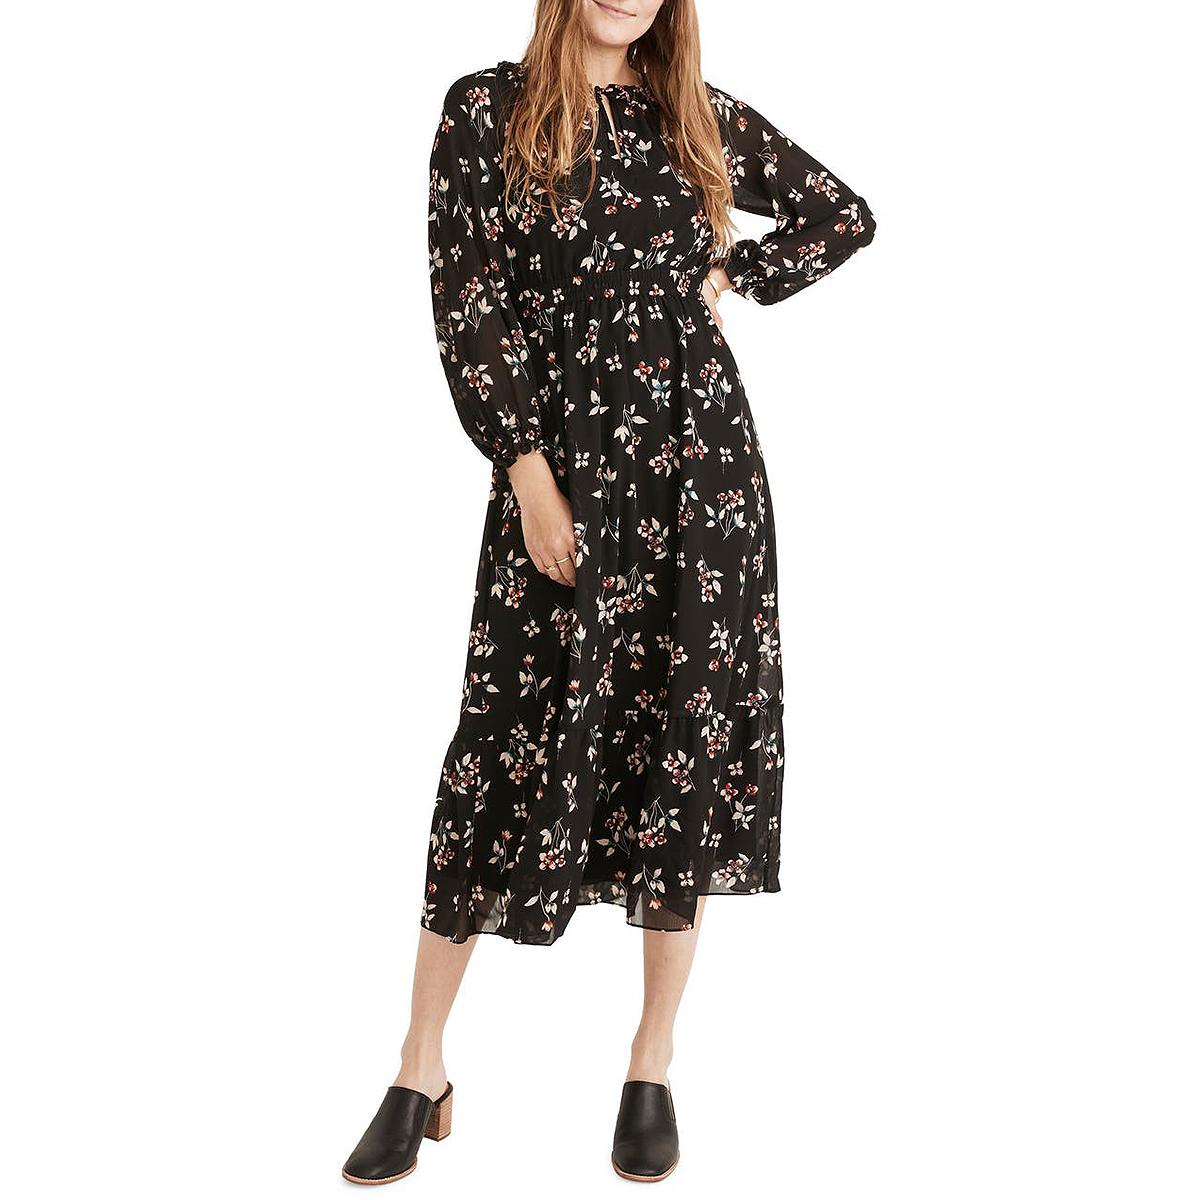 nordstrom-sale-floral-dress